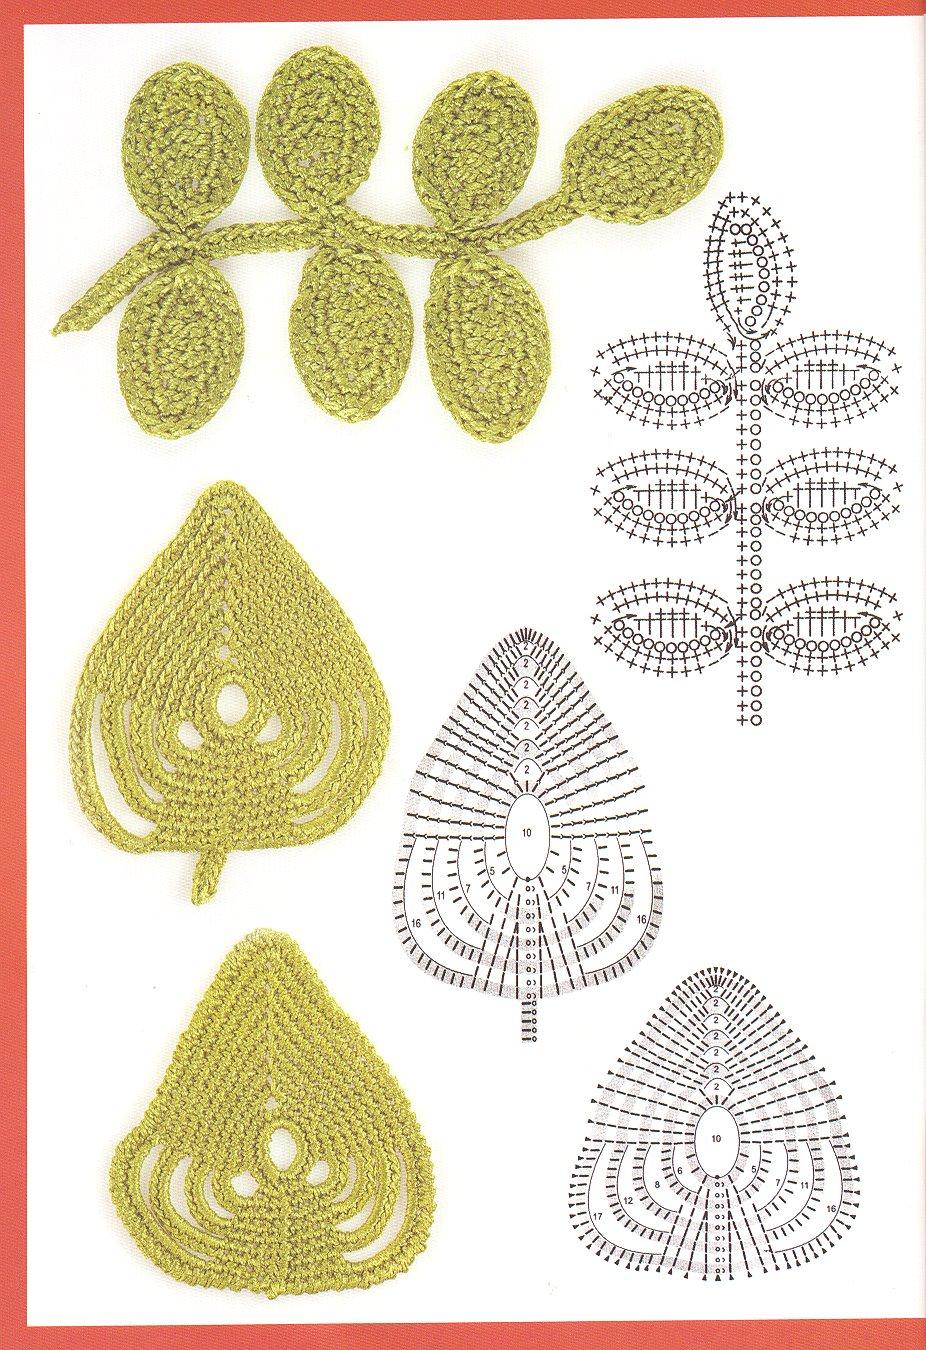 Patrones de hojas tejidas en crochet - Imagui